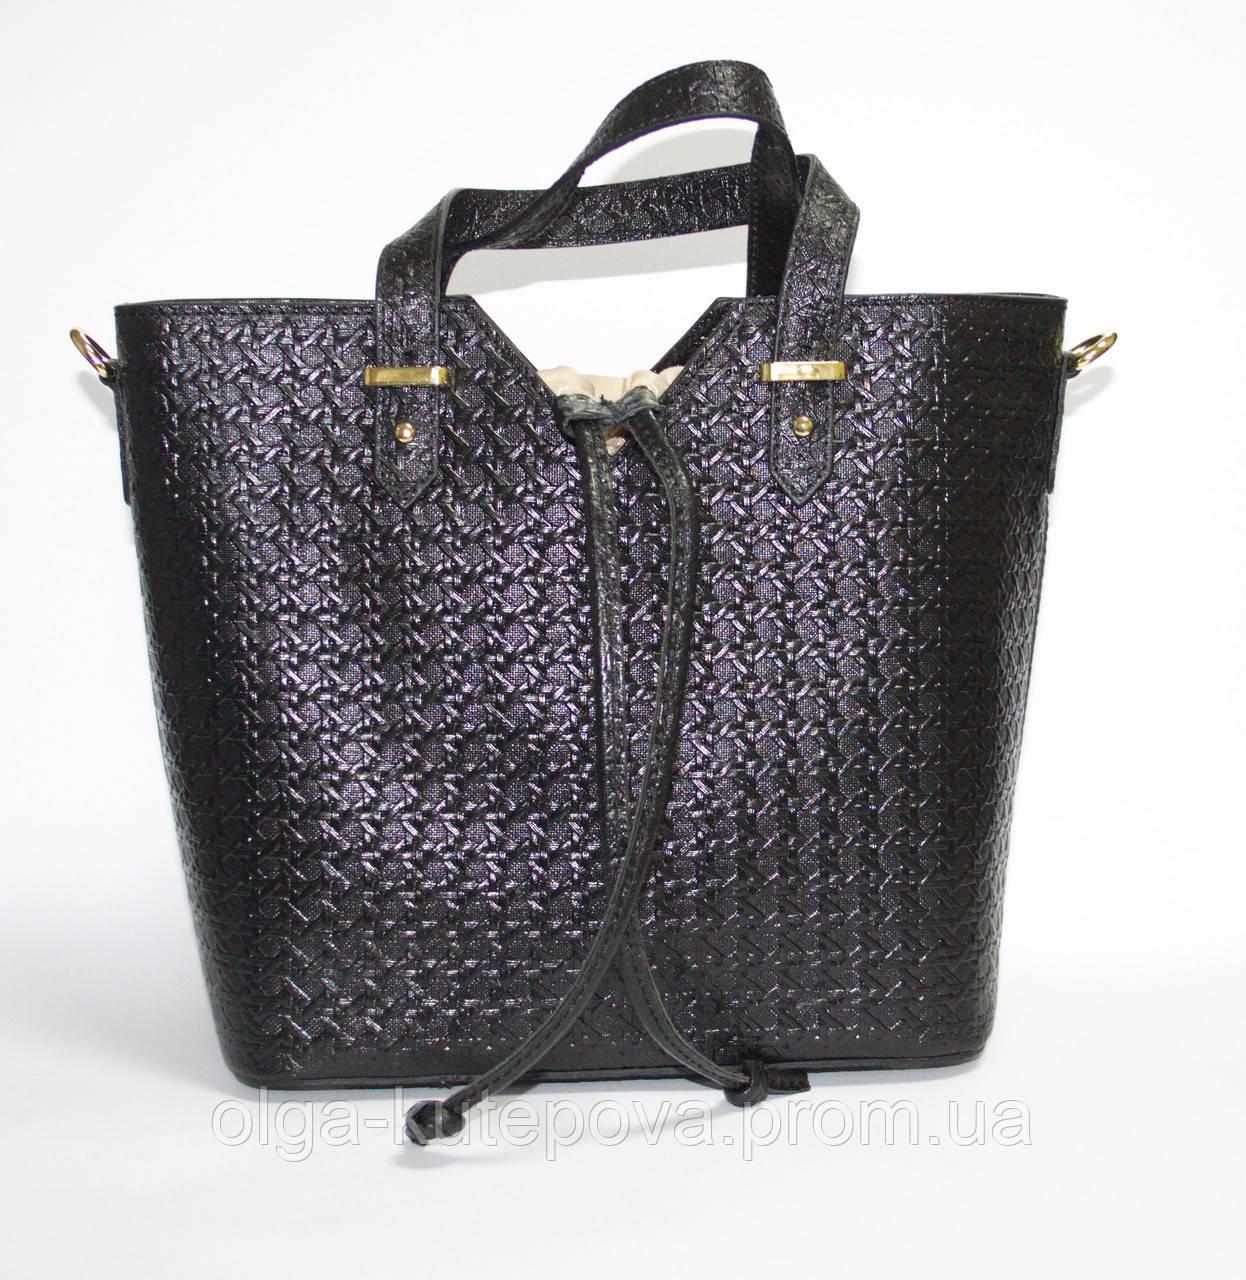 b896c7307827 Большая женская сумка. Натуральная кожа. Италия, цена 1 995 грн ...